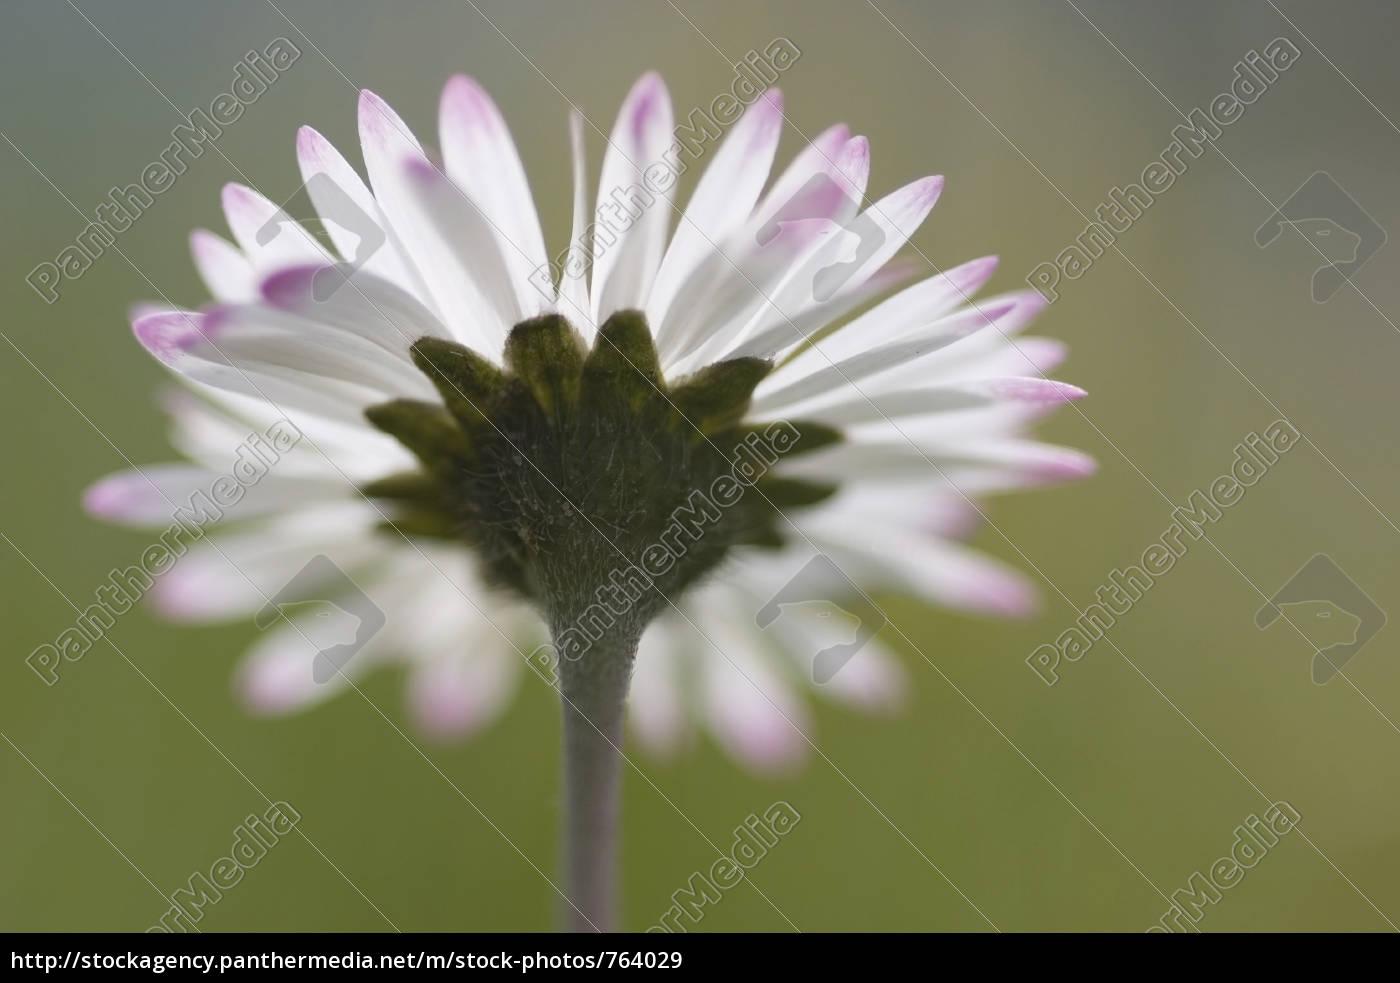 daisy - 764029